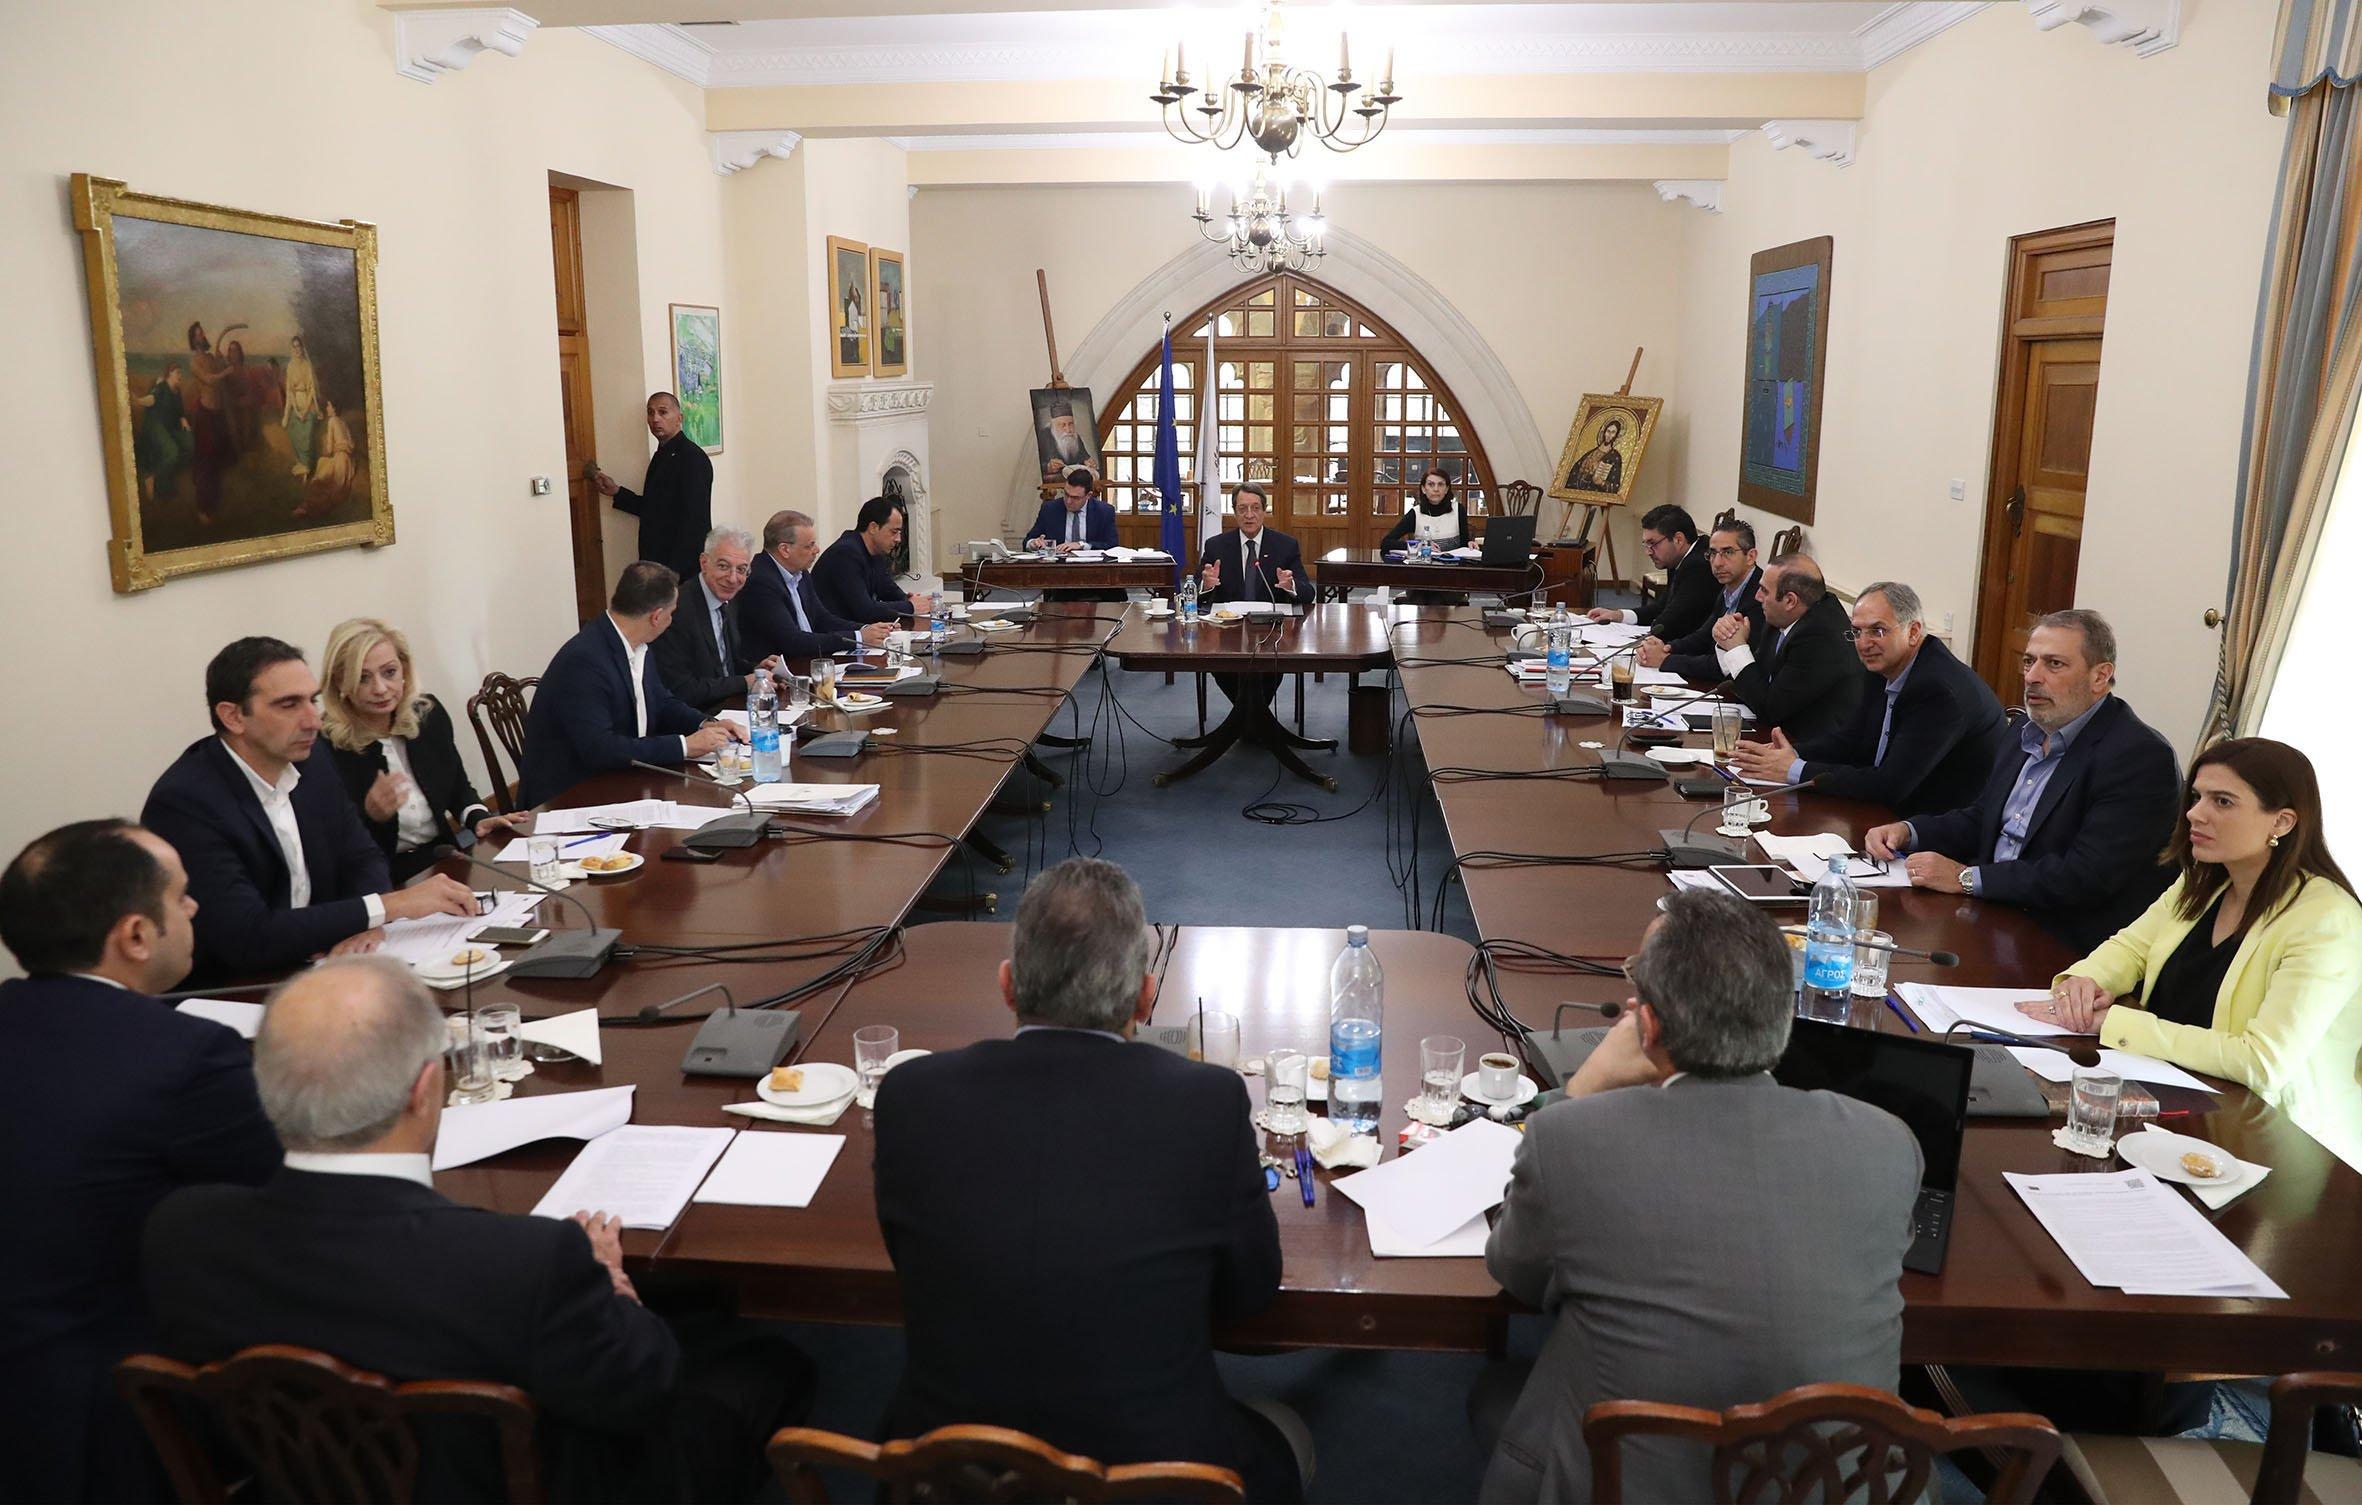 Síp thực hiện các biện pháp nghiêm ngặt để ngăn chặn Covid-19